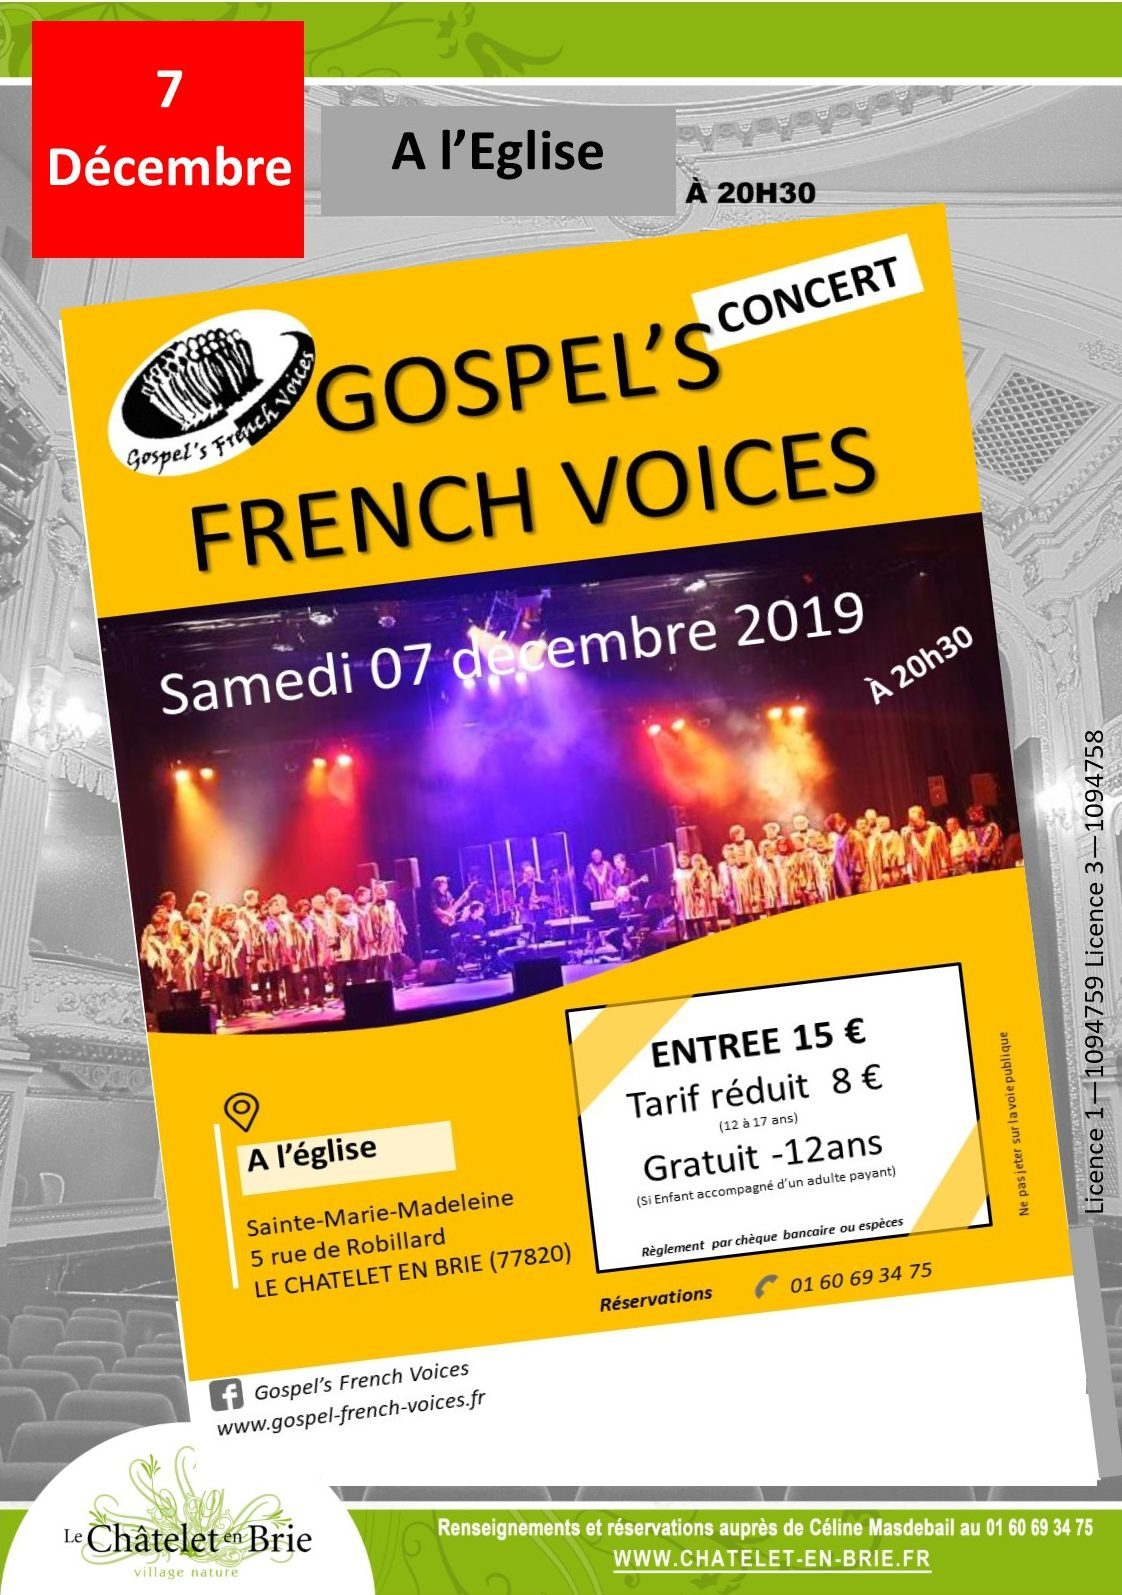 Concert : Samedi 07 Décembre 2019